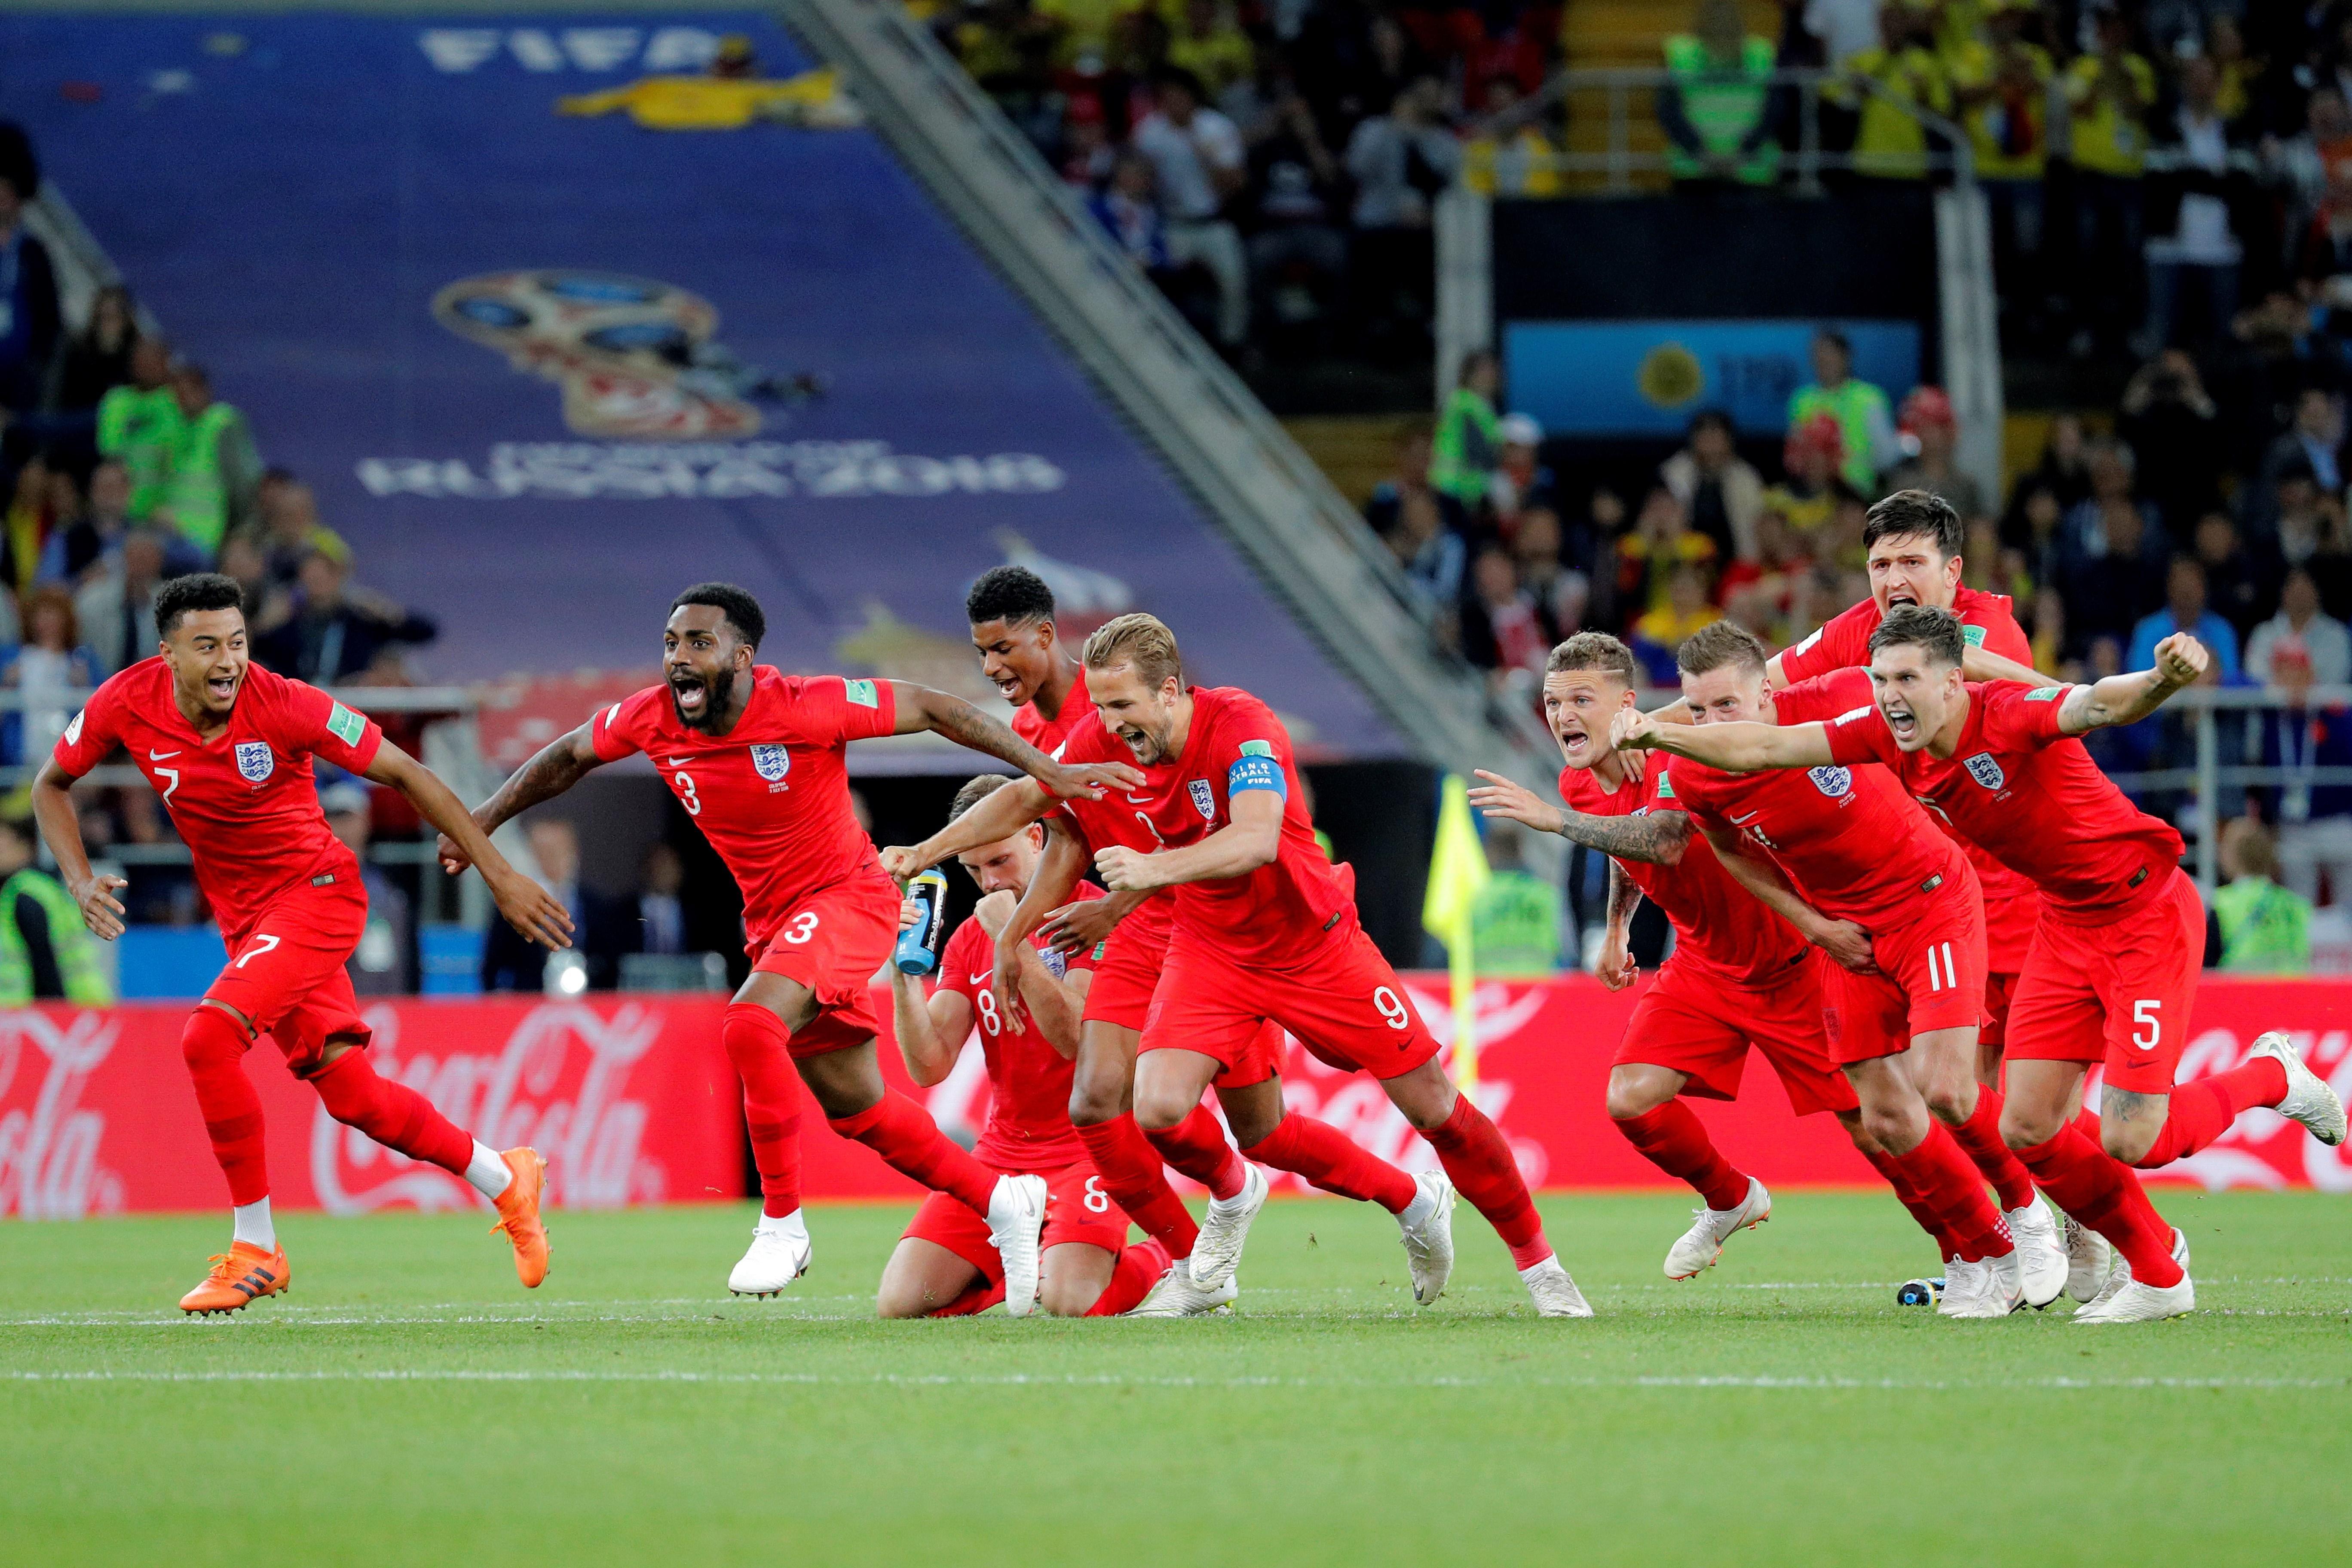 Inglaterra selló su pase a cuartos. Foto: EFE